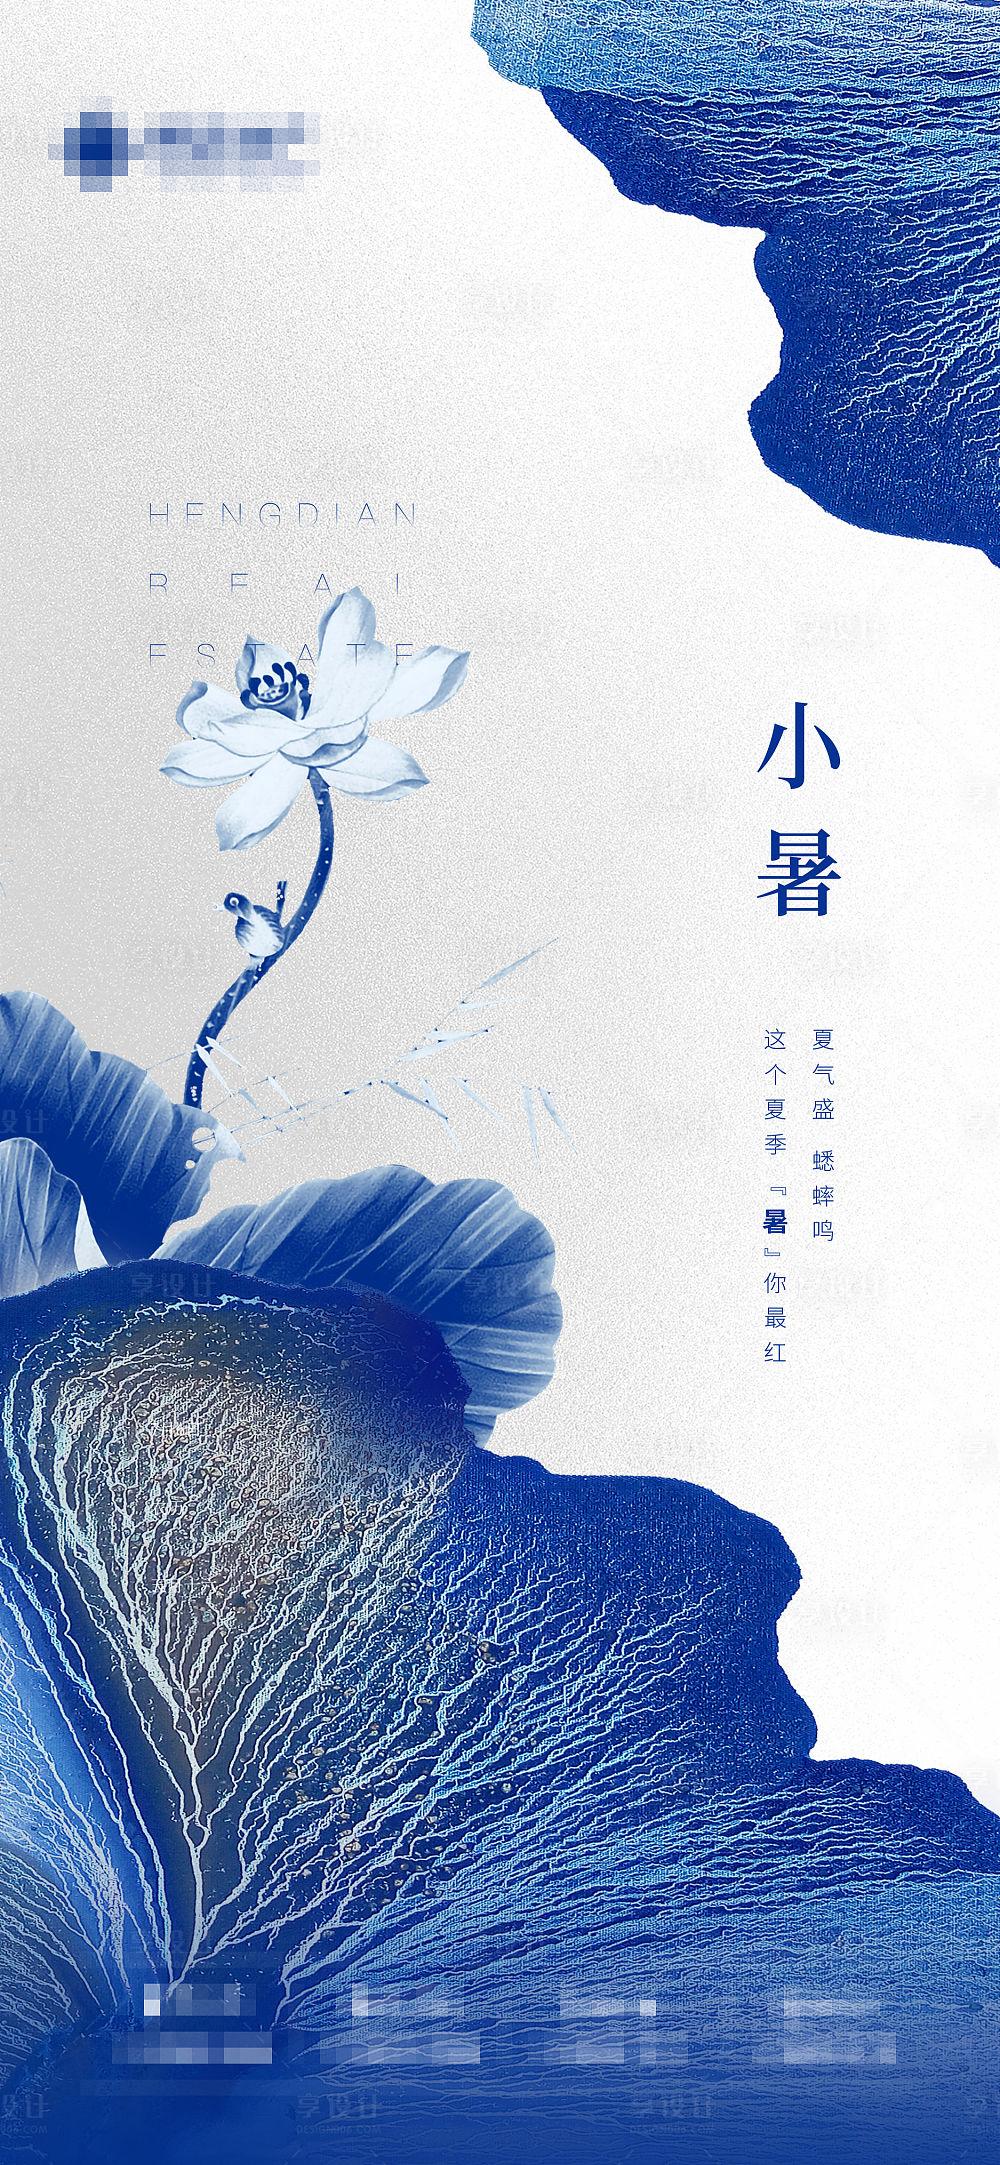 【源文件下载】 海报 地产  二十四节气  小暑 荷花 手绘 设计作品 设计图集